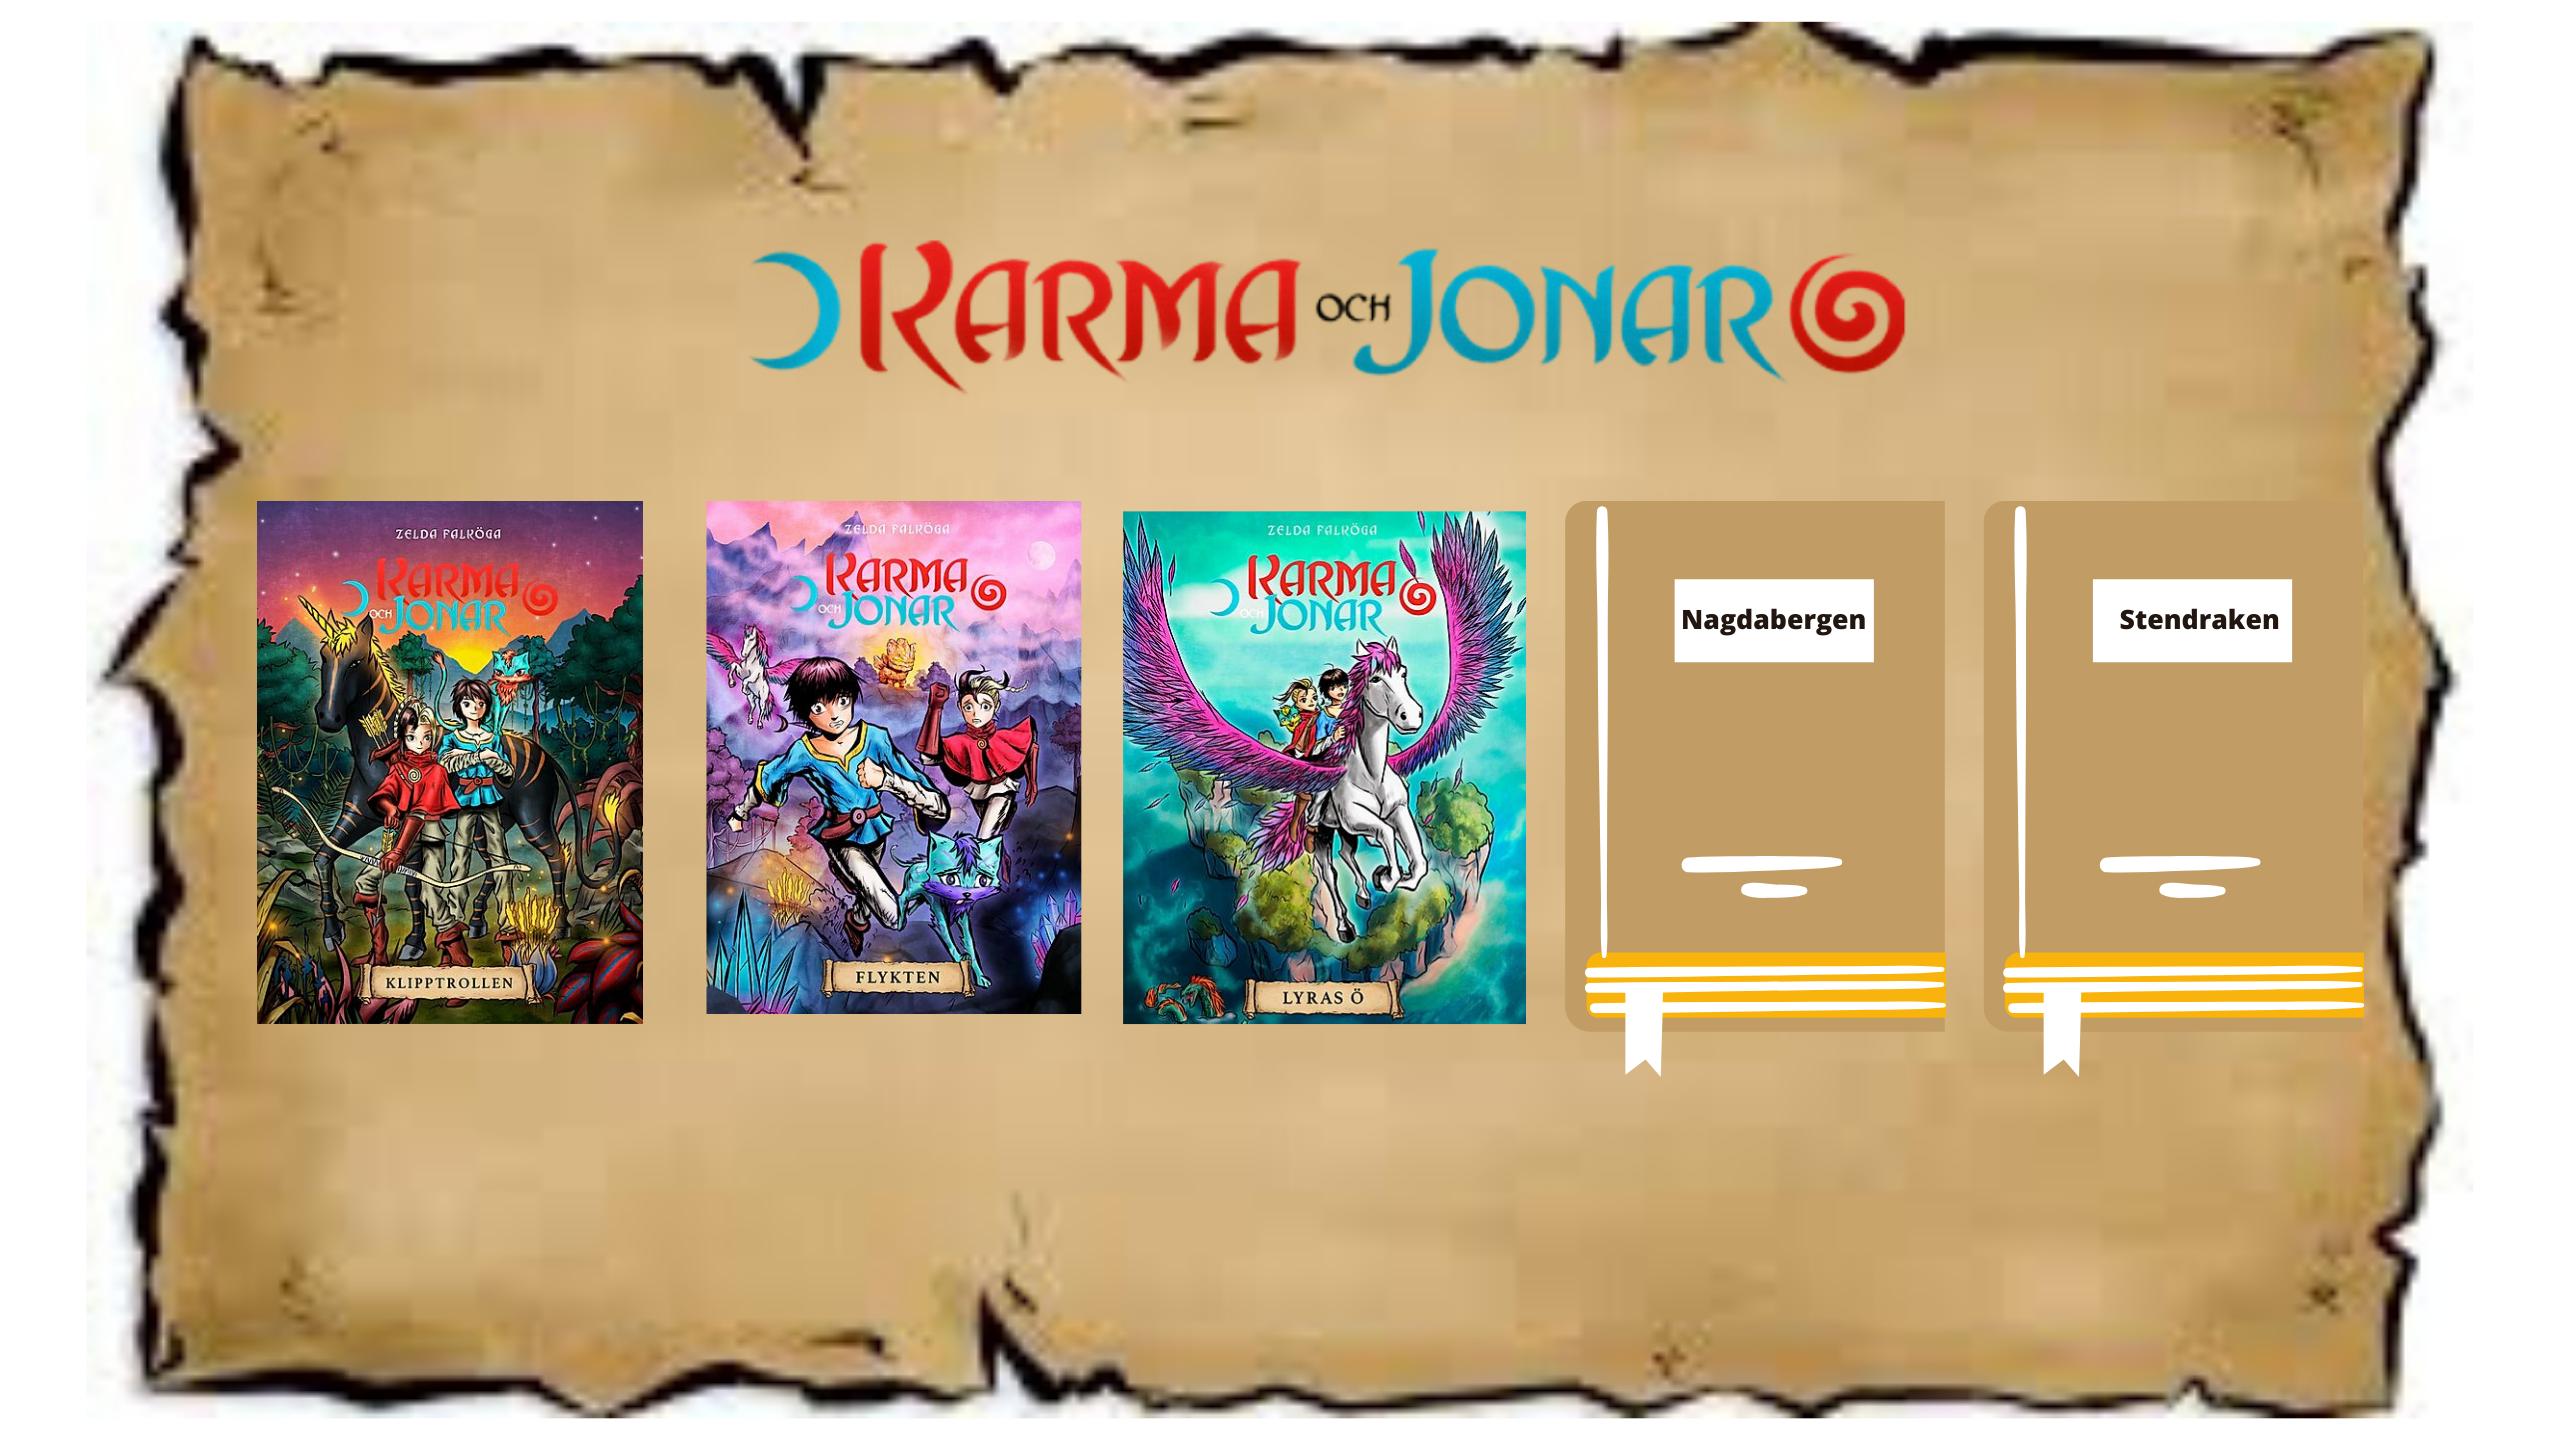 Karma och Jonar bokserie.